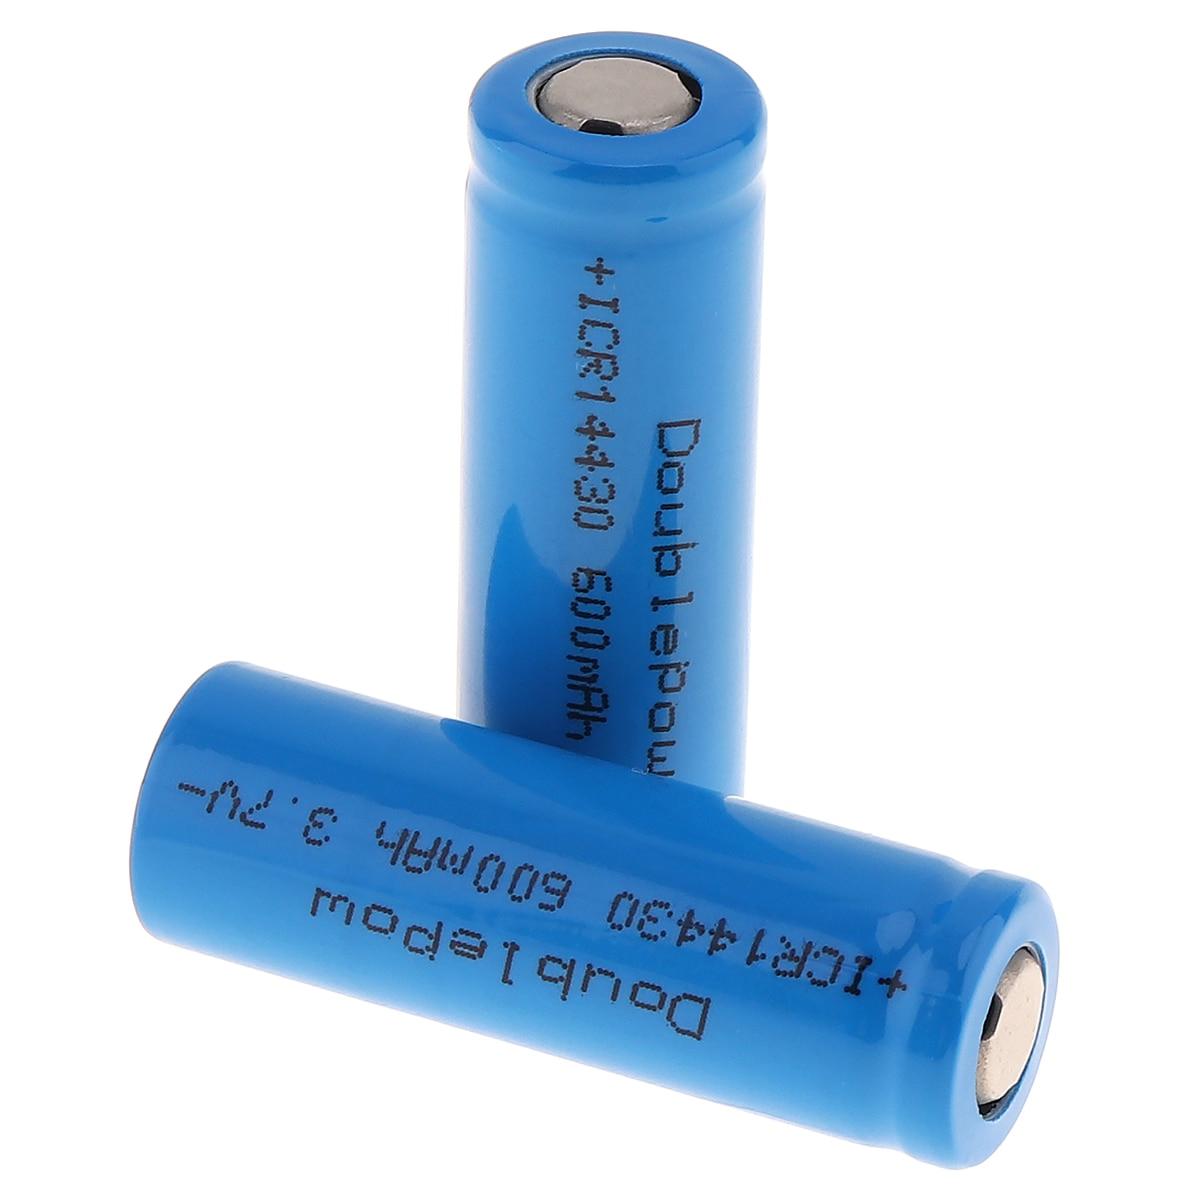 2 Stücke 14430 600 mah ICR14430 Li-Ion akku 3,7 v Liion Lithium-Batteria Geringe selbstentladung Batterien